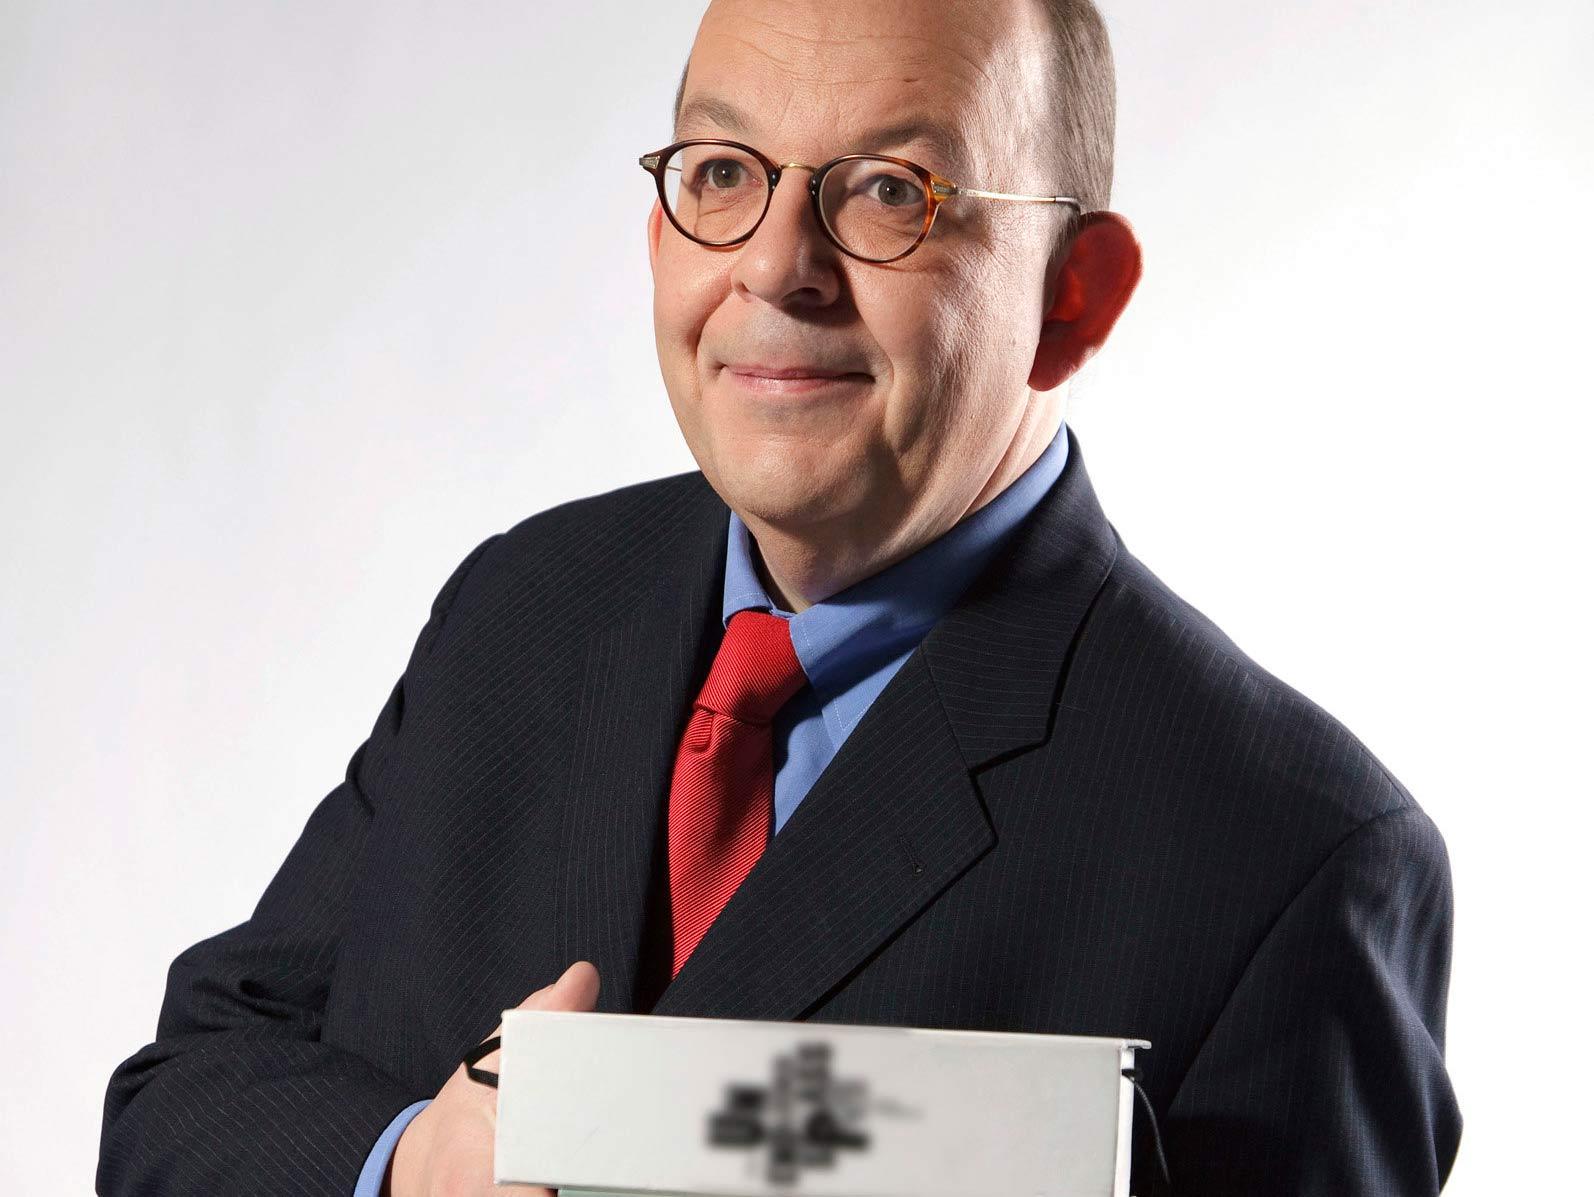 Anmeldung zu den jubeltagen der m belmacher die m belmacher - Die mobelmacher ...